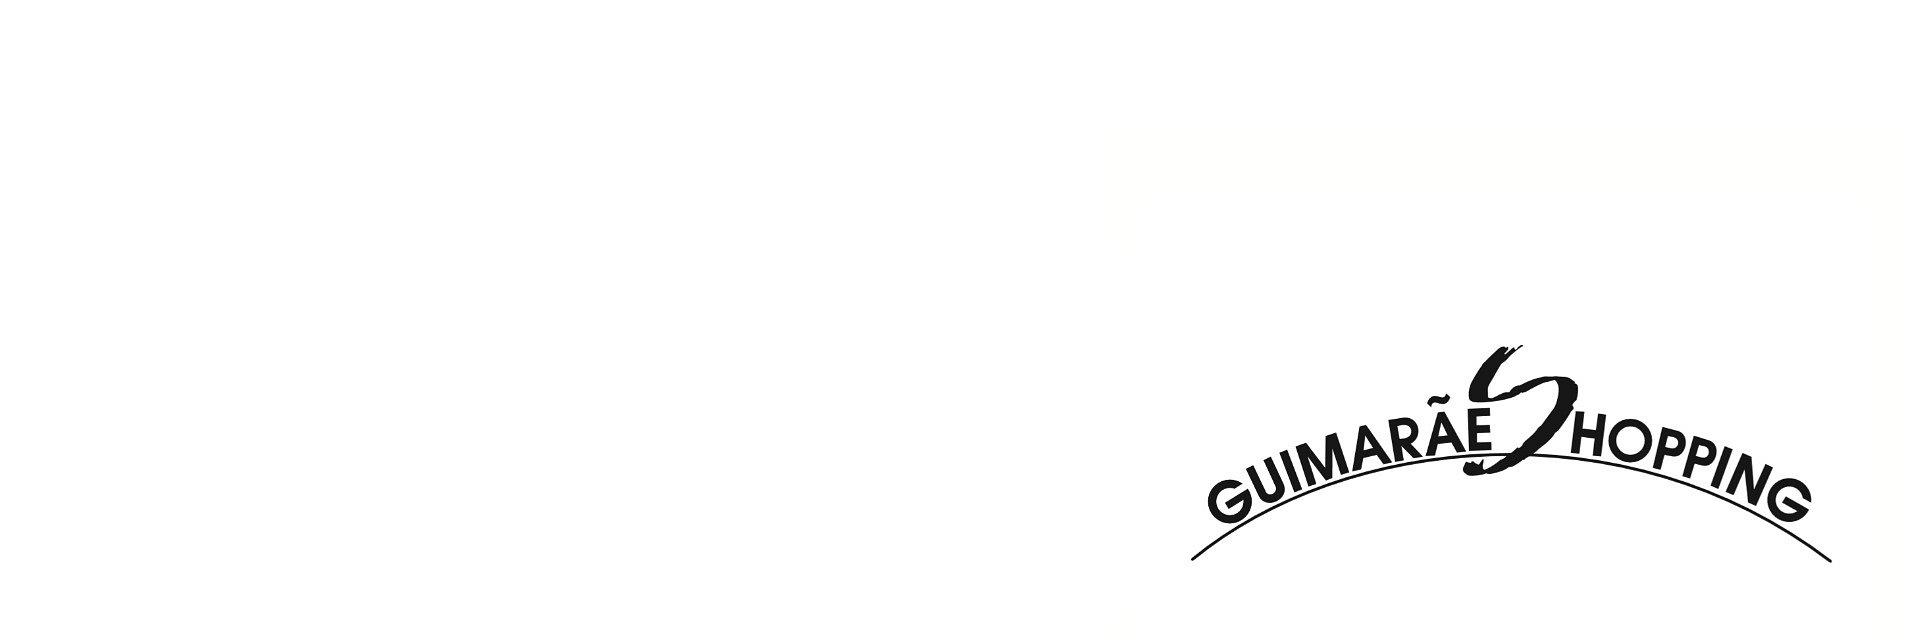 GuimarãeShopping promove venda solidária de nicolinos